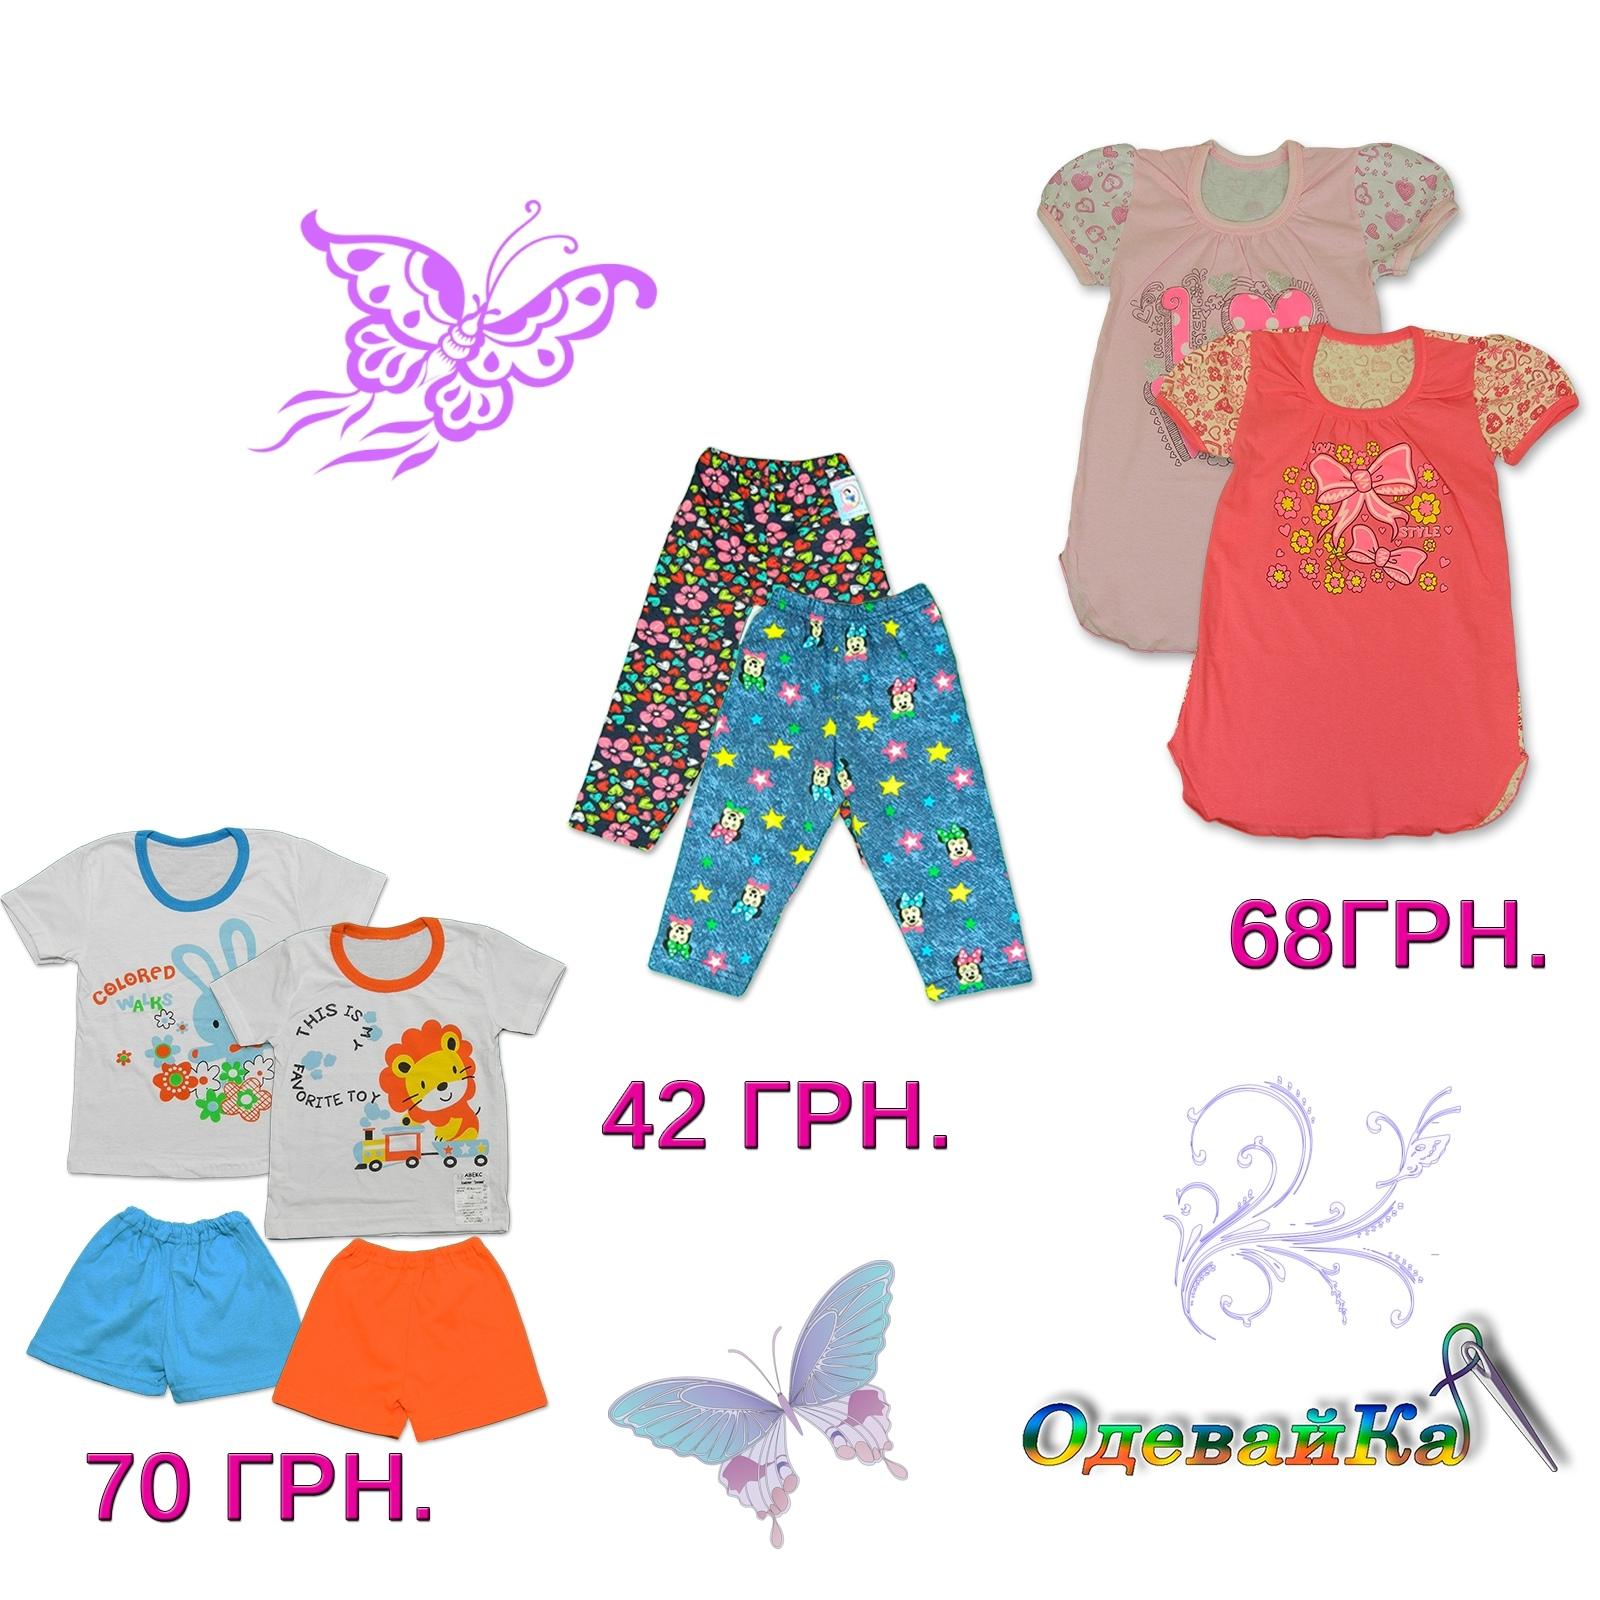 Одежда для Ваших деток по самым доступным ценам.